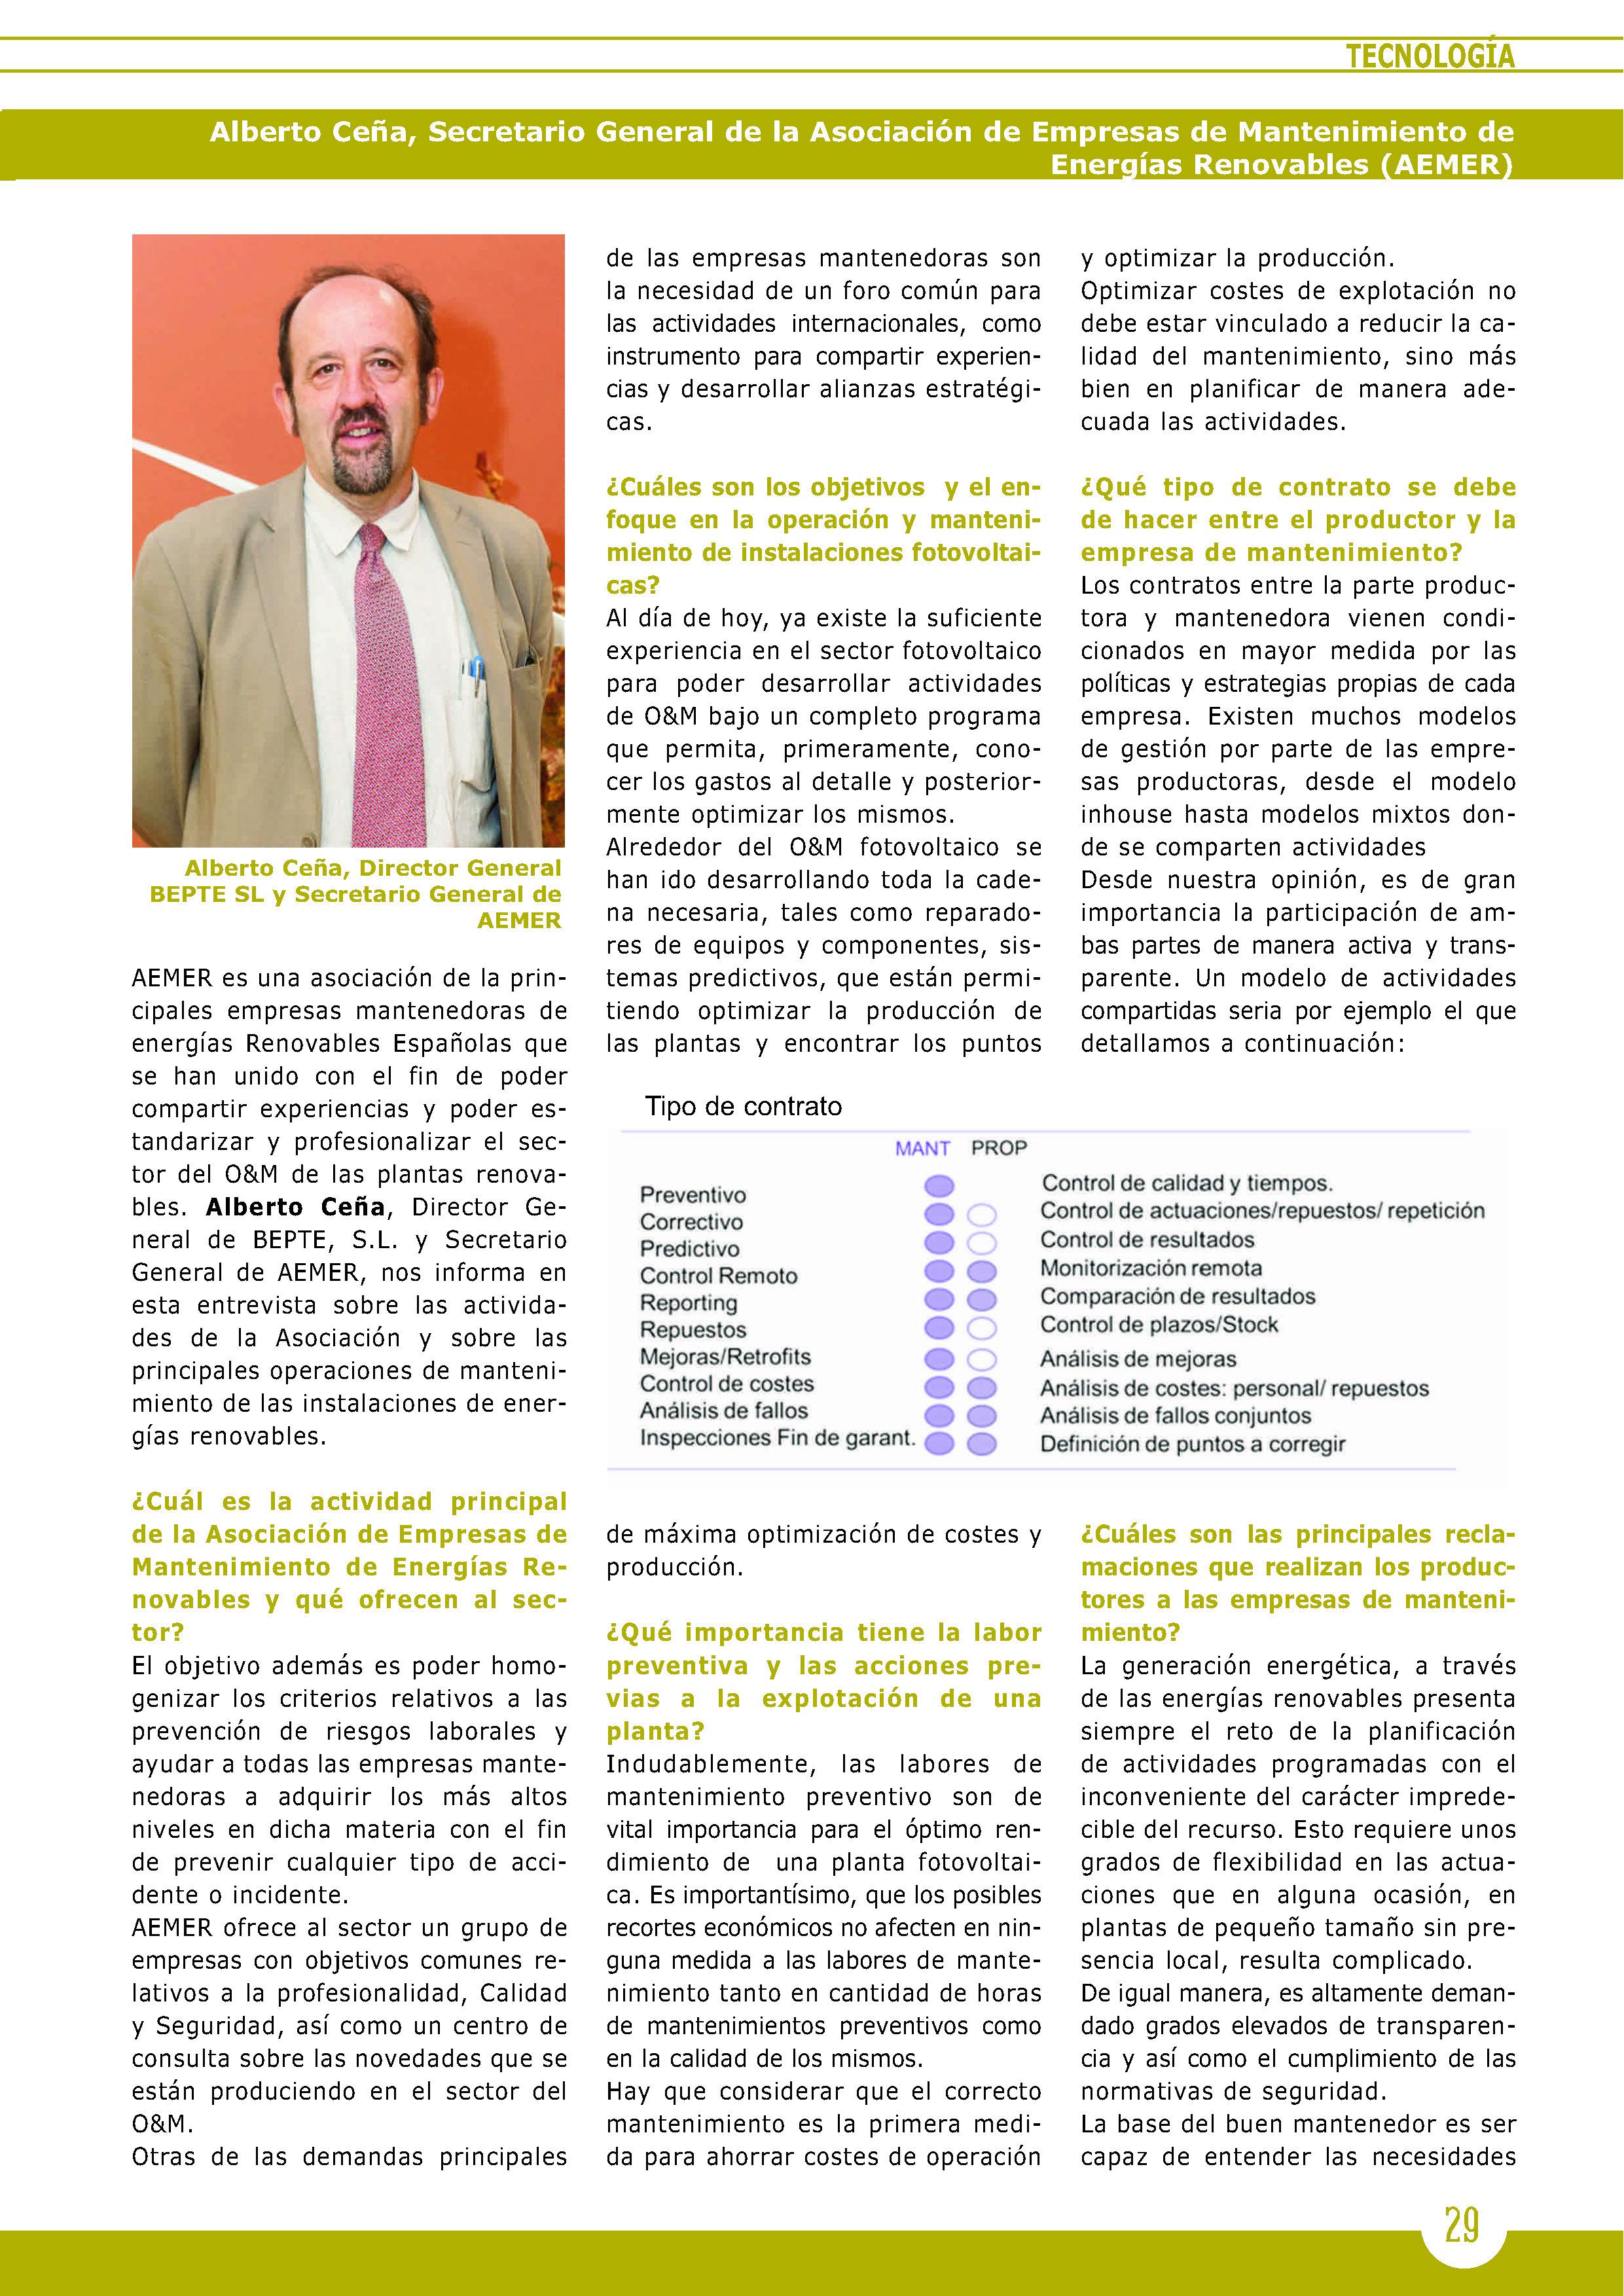 AEMER es una asociación de la principales empresas mantenedoras de energías Renovables Españolas que se han unido con el fin de poder compartir experiencias y poder estandarizar y profesionalizar el sector del O&M de las plantas renovables. Alberto Ceña, Secretario General de AEMER